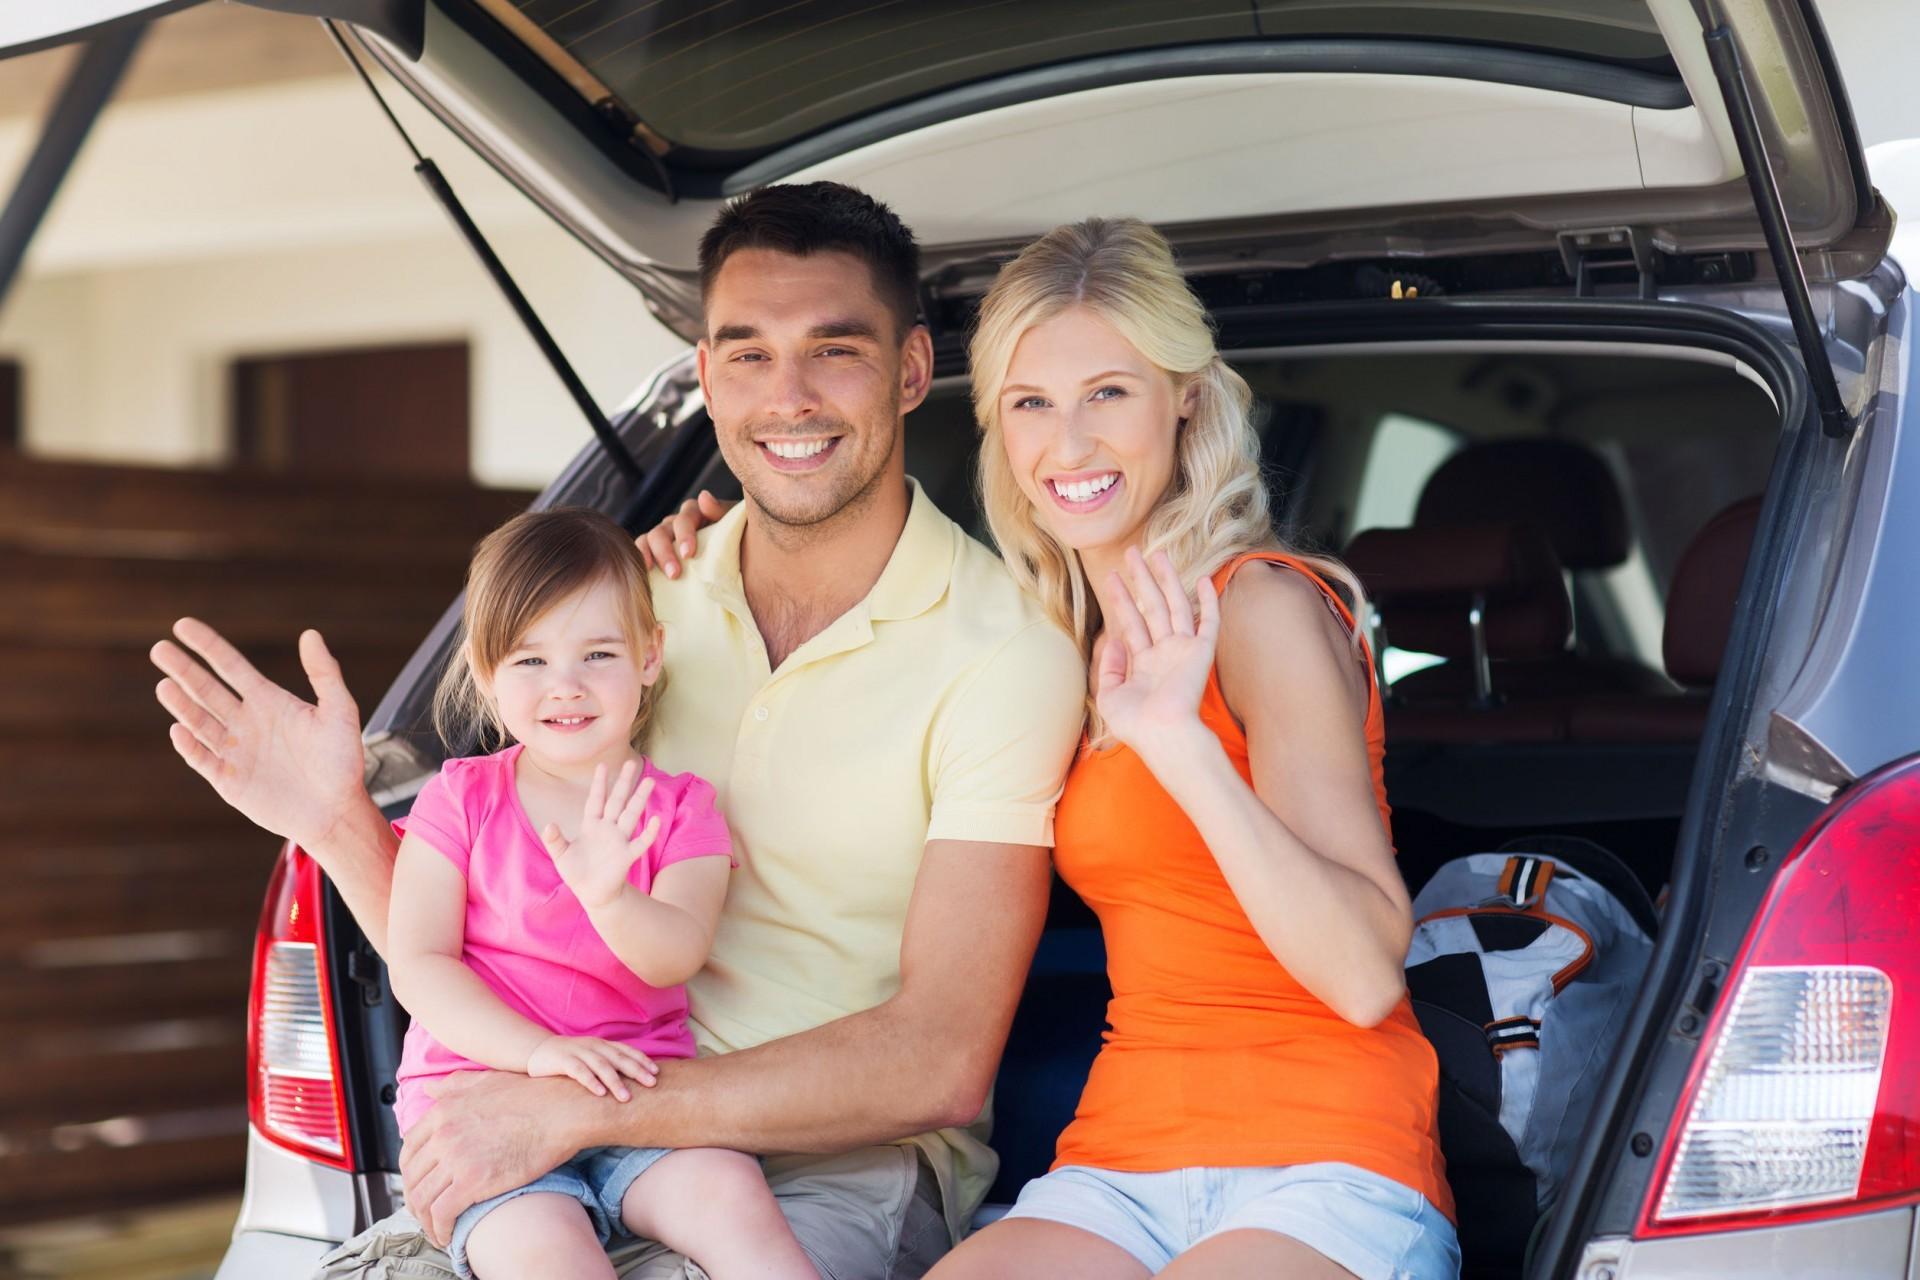 איילון דריבינג קלאסיק ביטוח הרכב המשתלם של איילון חברה לביטוח